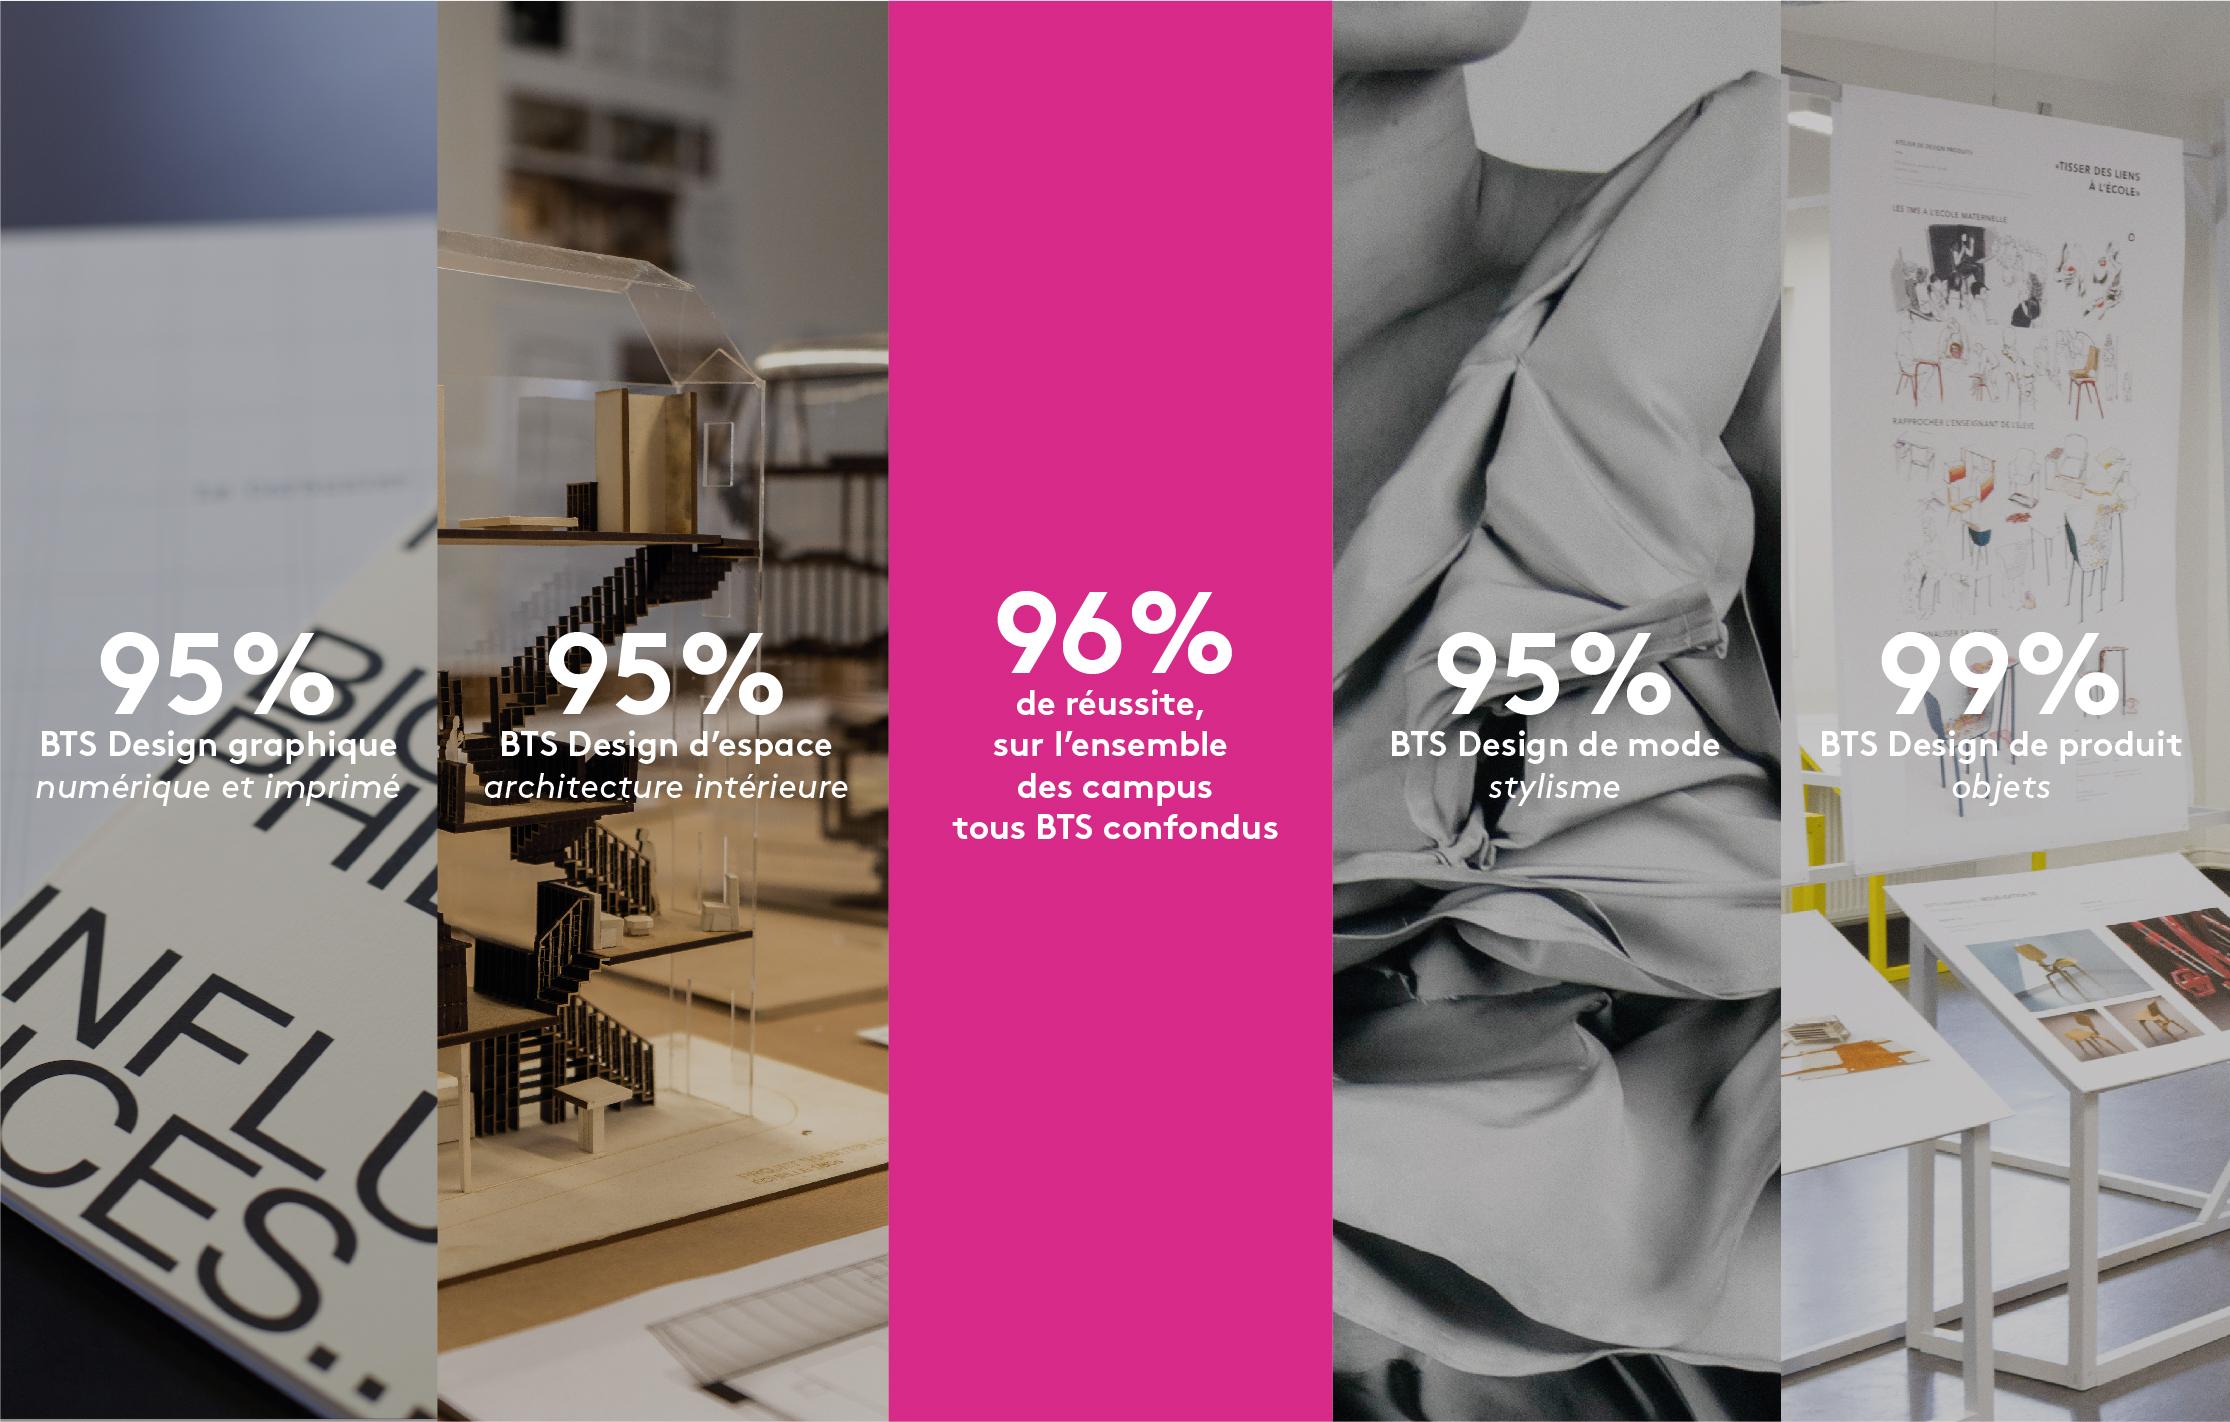 Dsaa Design Produit Toulouse 96% de réussite aux bts de design - ecole de condé